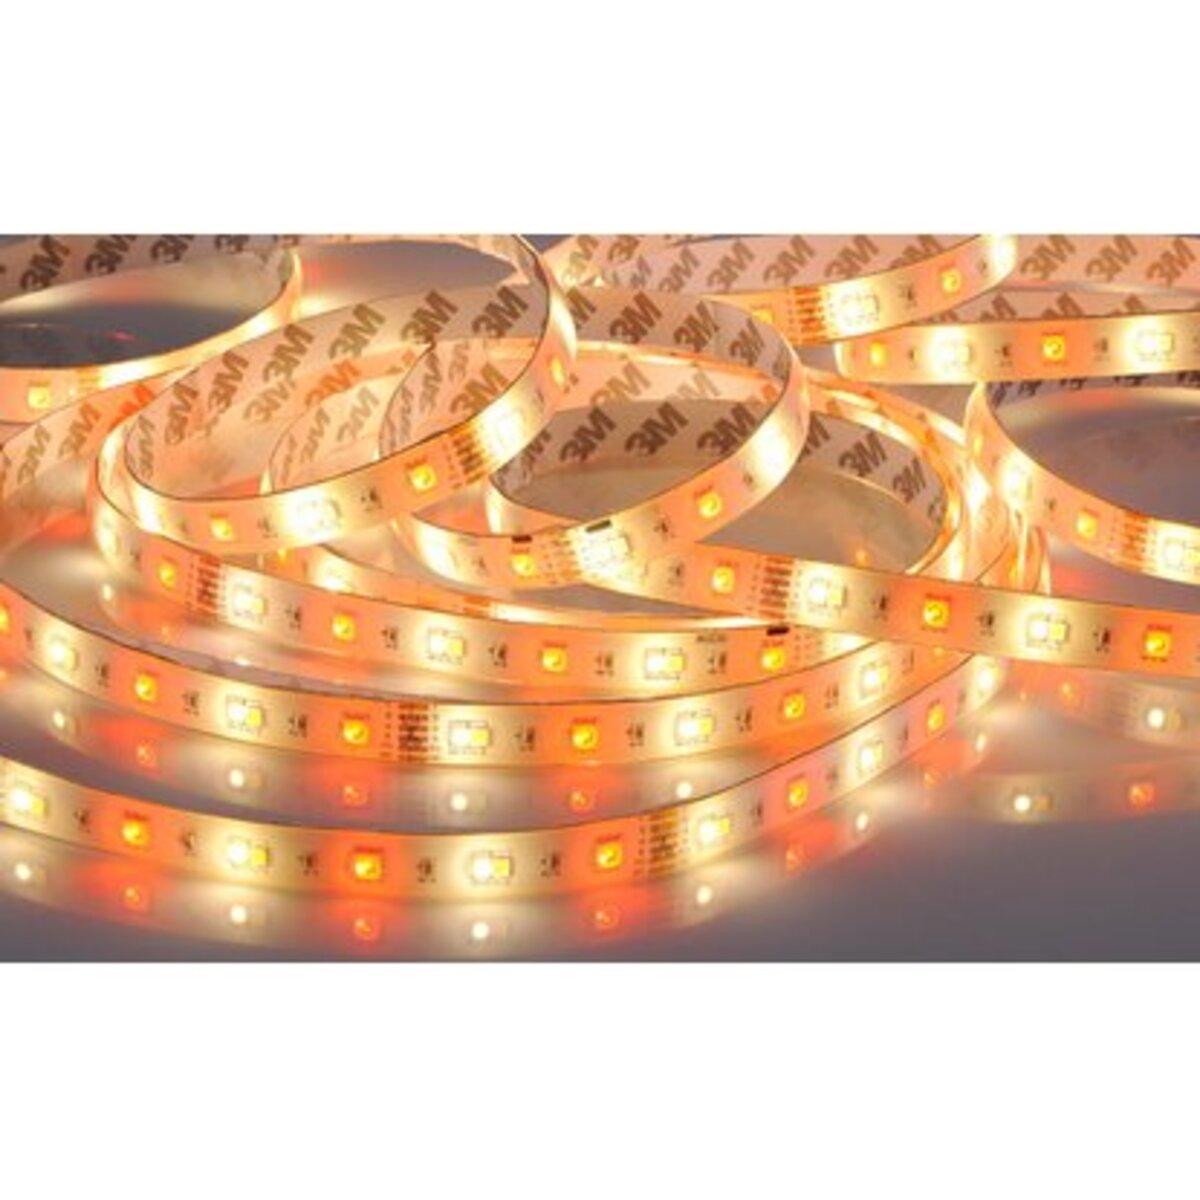 Bild 4 von Lichtstreifen Lola smart-Fritz RGB 2700-5000K IP20